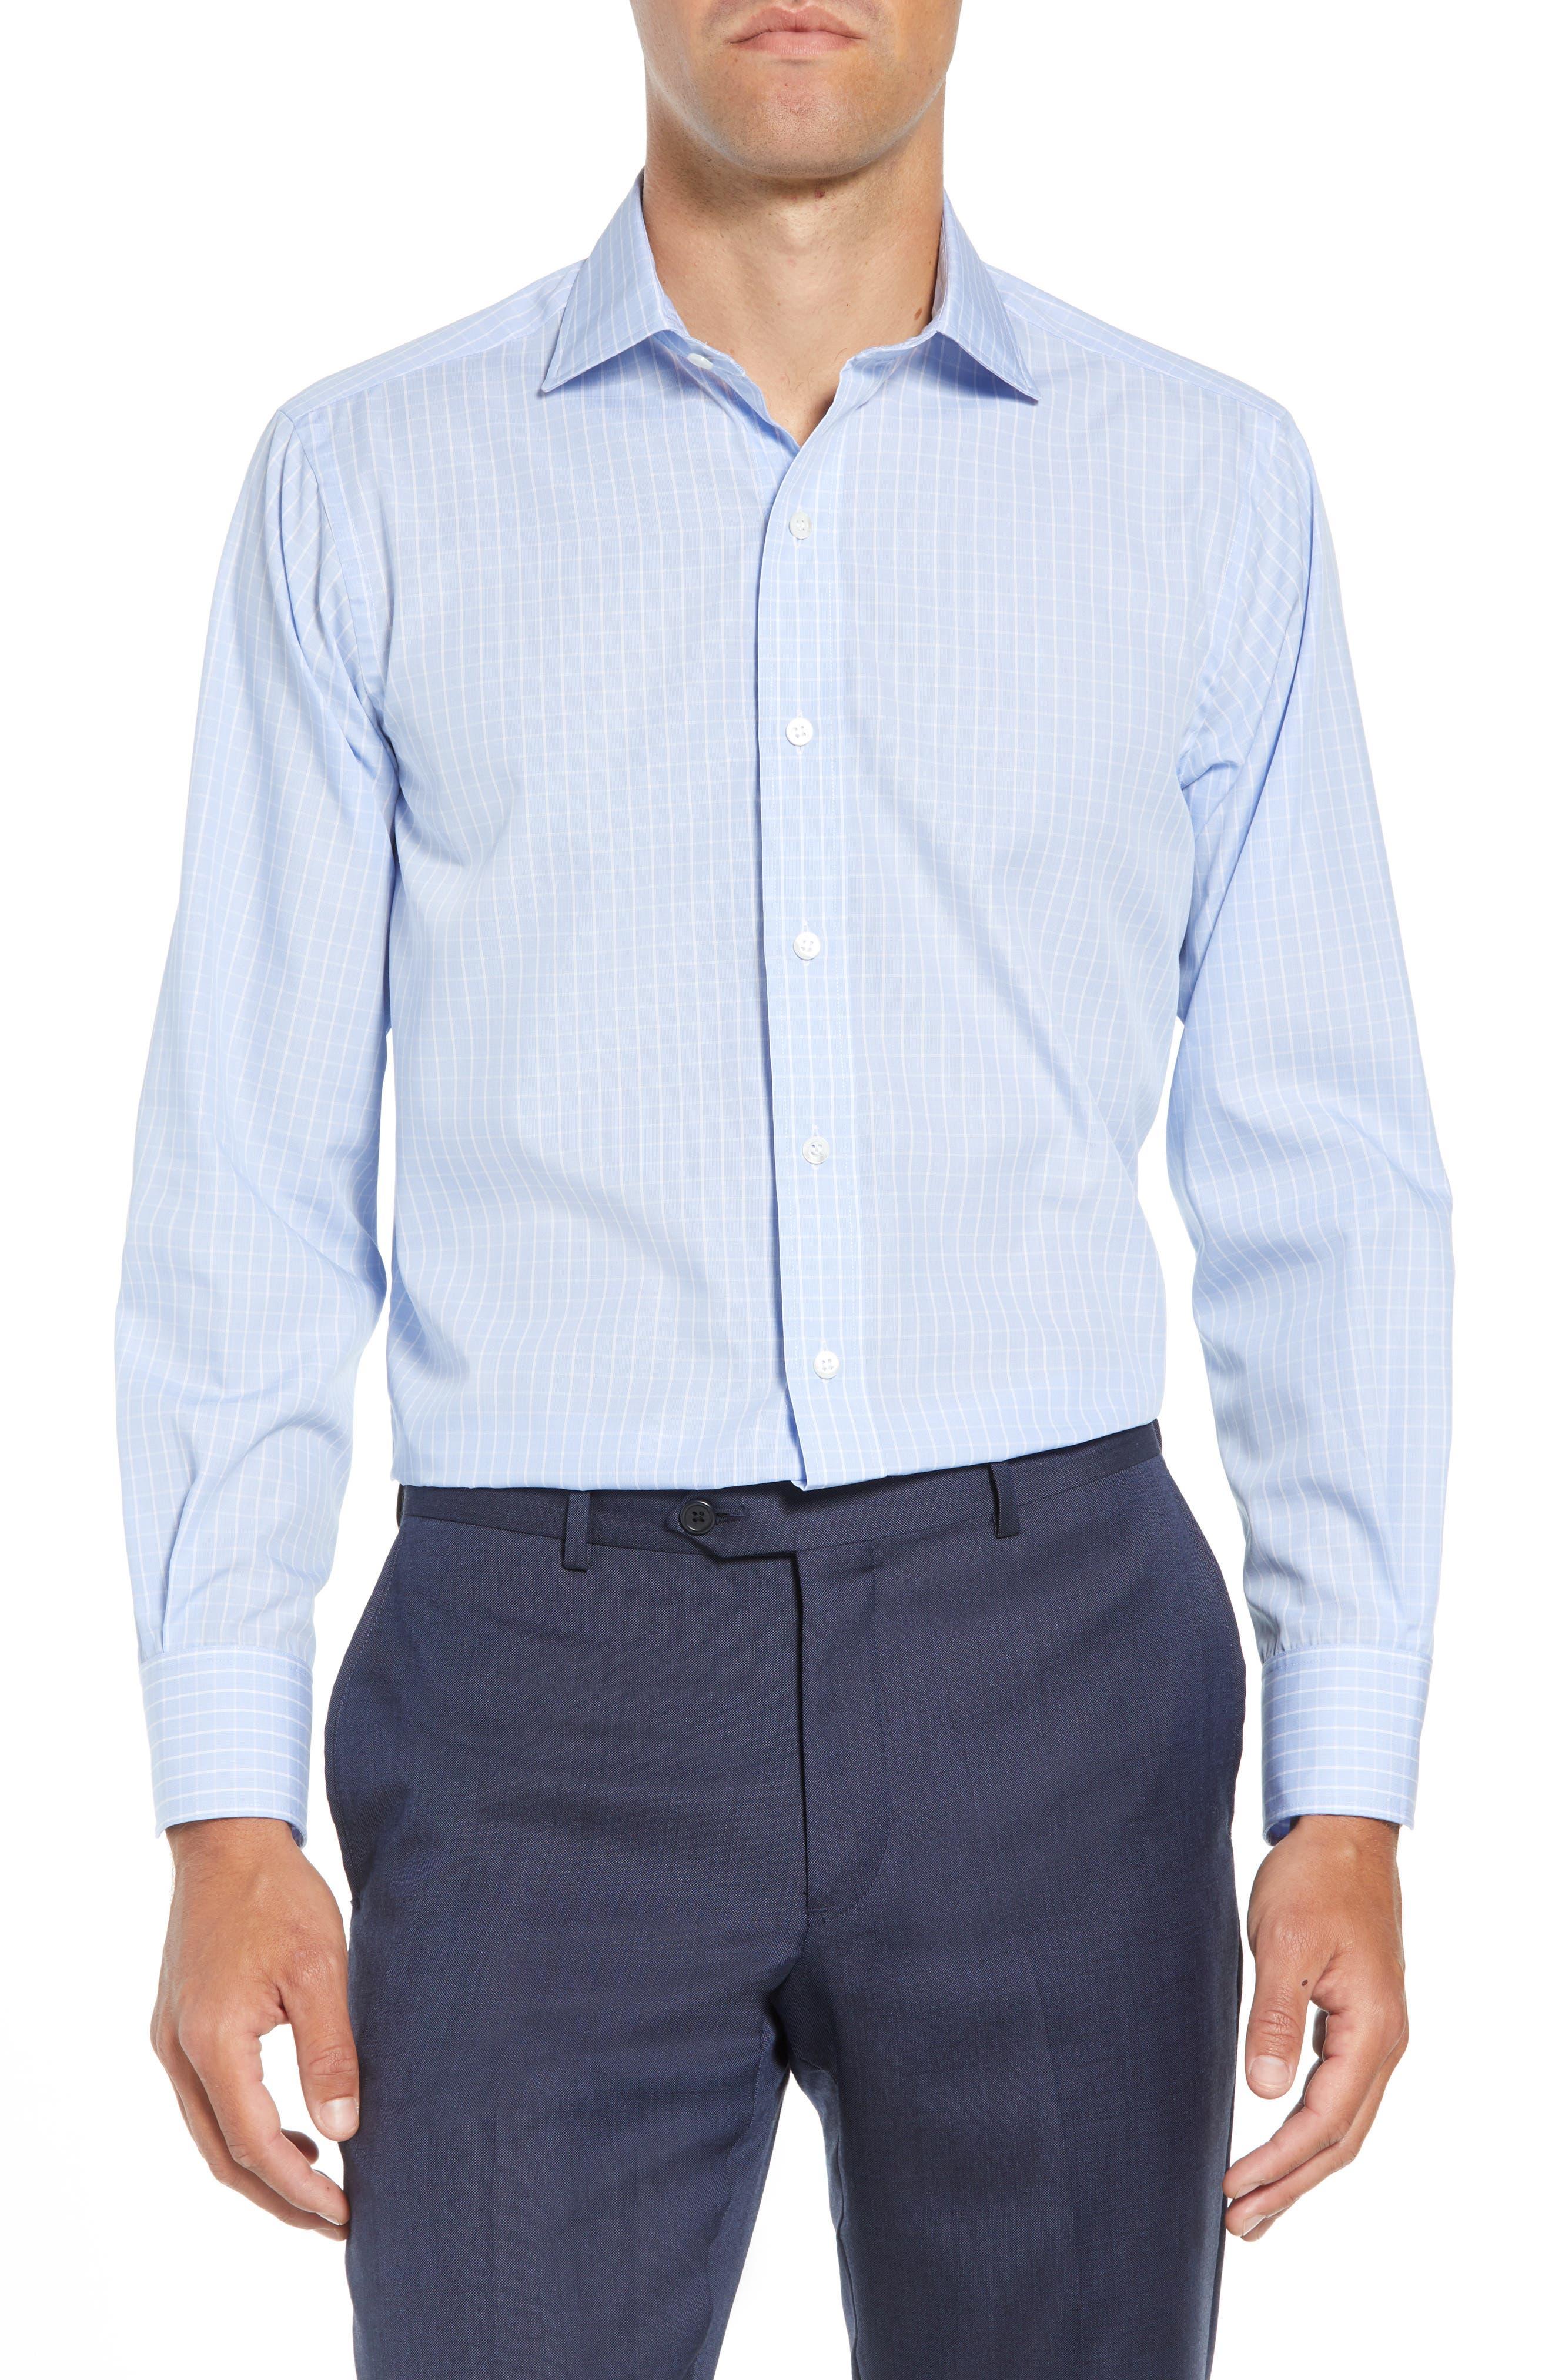 McBride Trim Fit Check Dress Shirt,                             Main thumbnail 1, color,                             BLUE